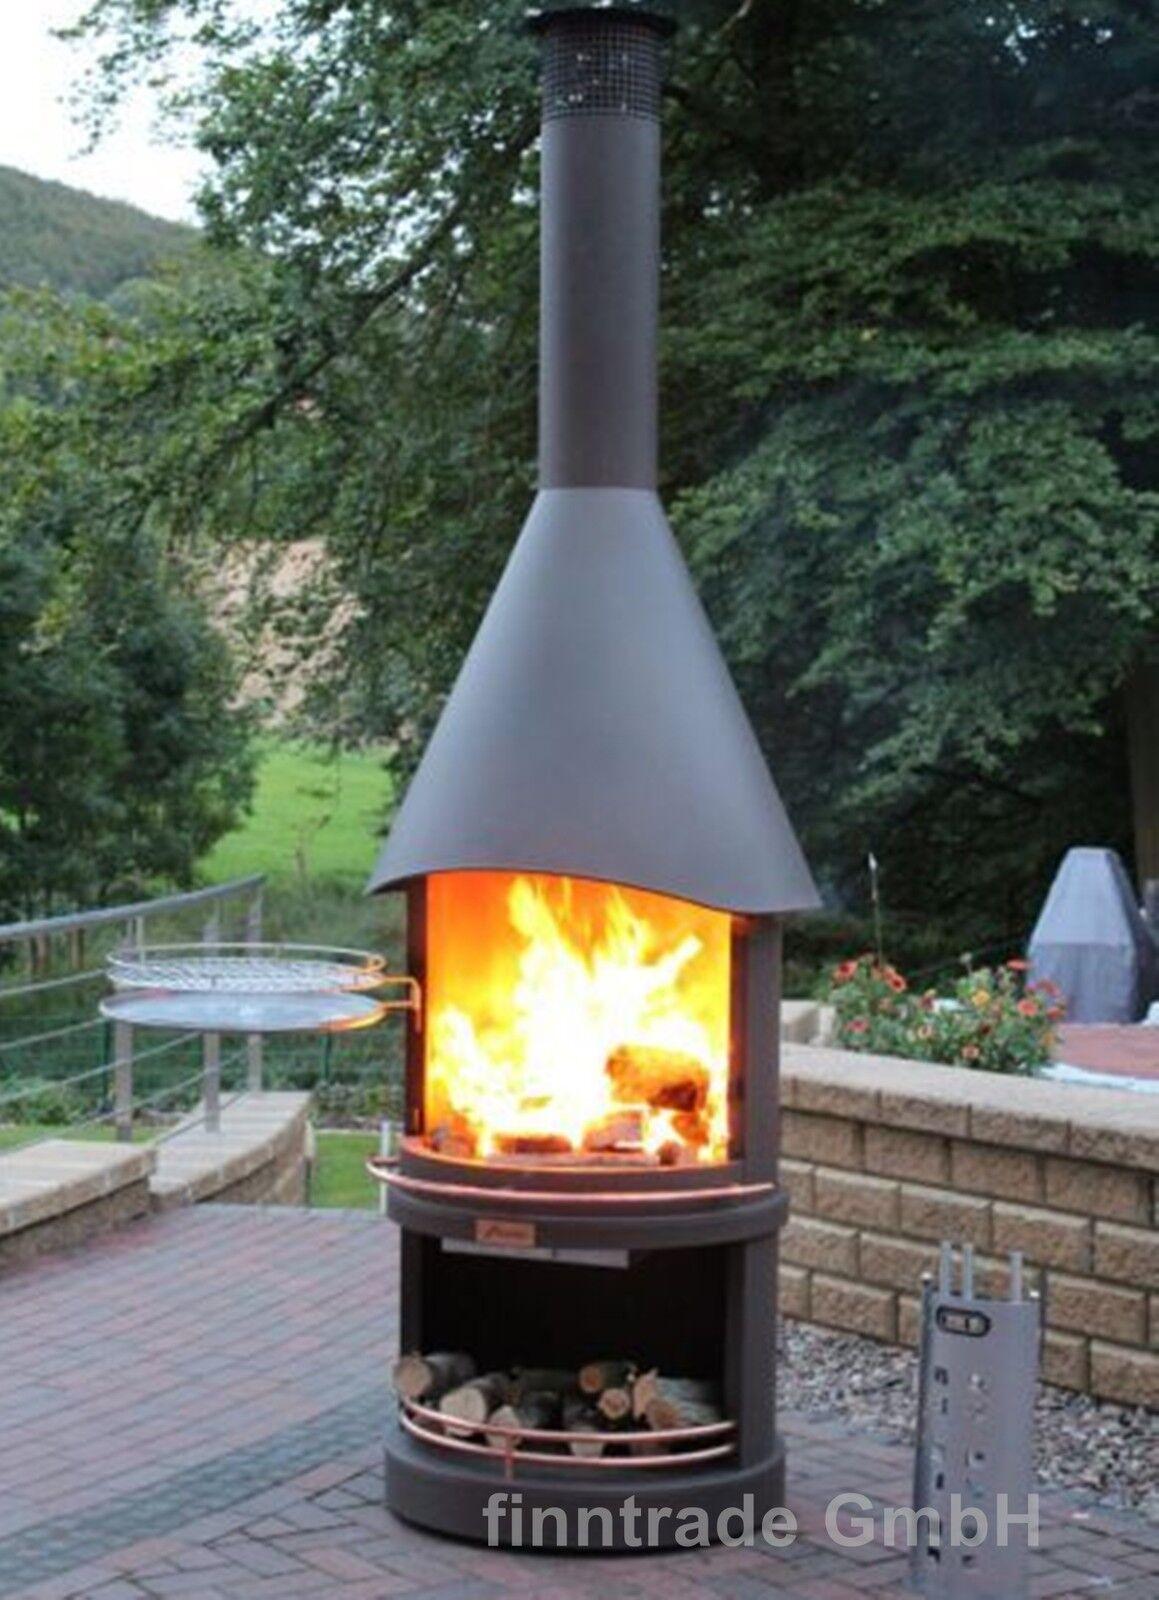 terrassenofen gartenkamin grillkamin edelstahl 70 kupfer. Black Bedroom Furniture Sets. Home Design Ideas